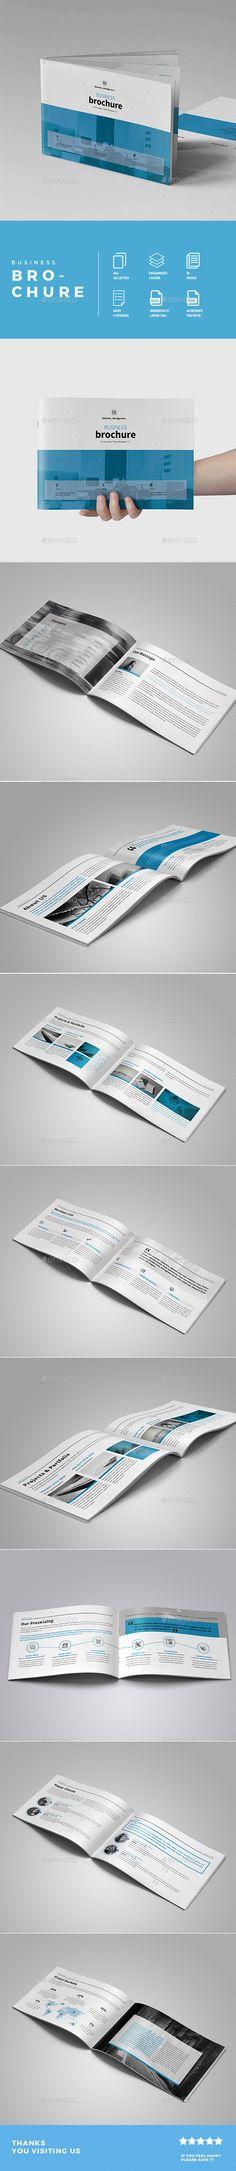 Propfessional Corporate Company Profile Template Company profile - business profile template